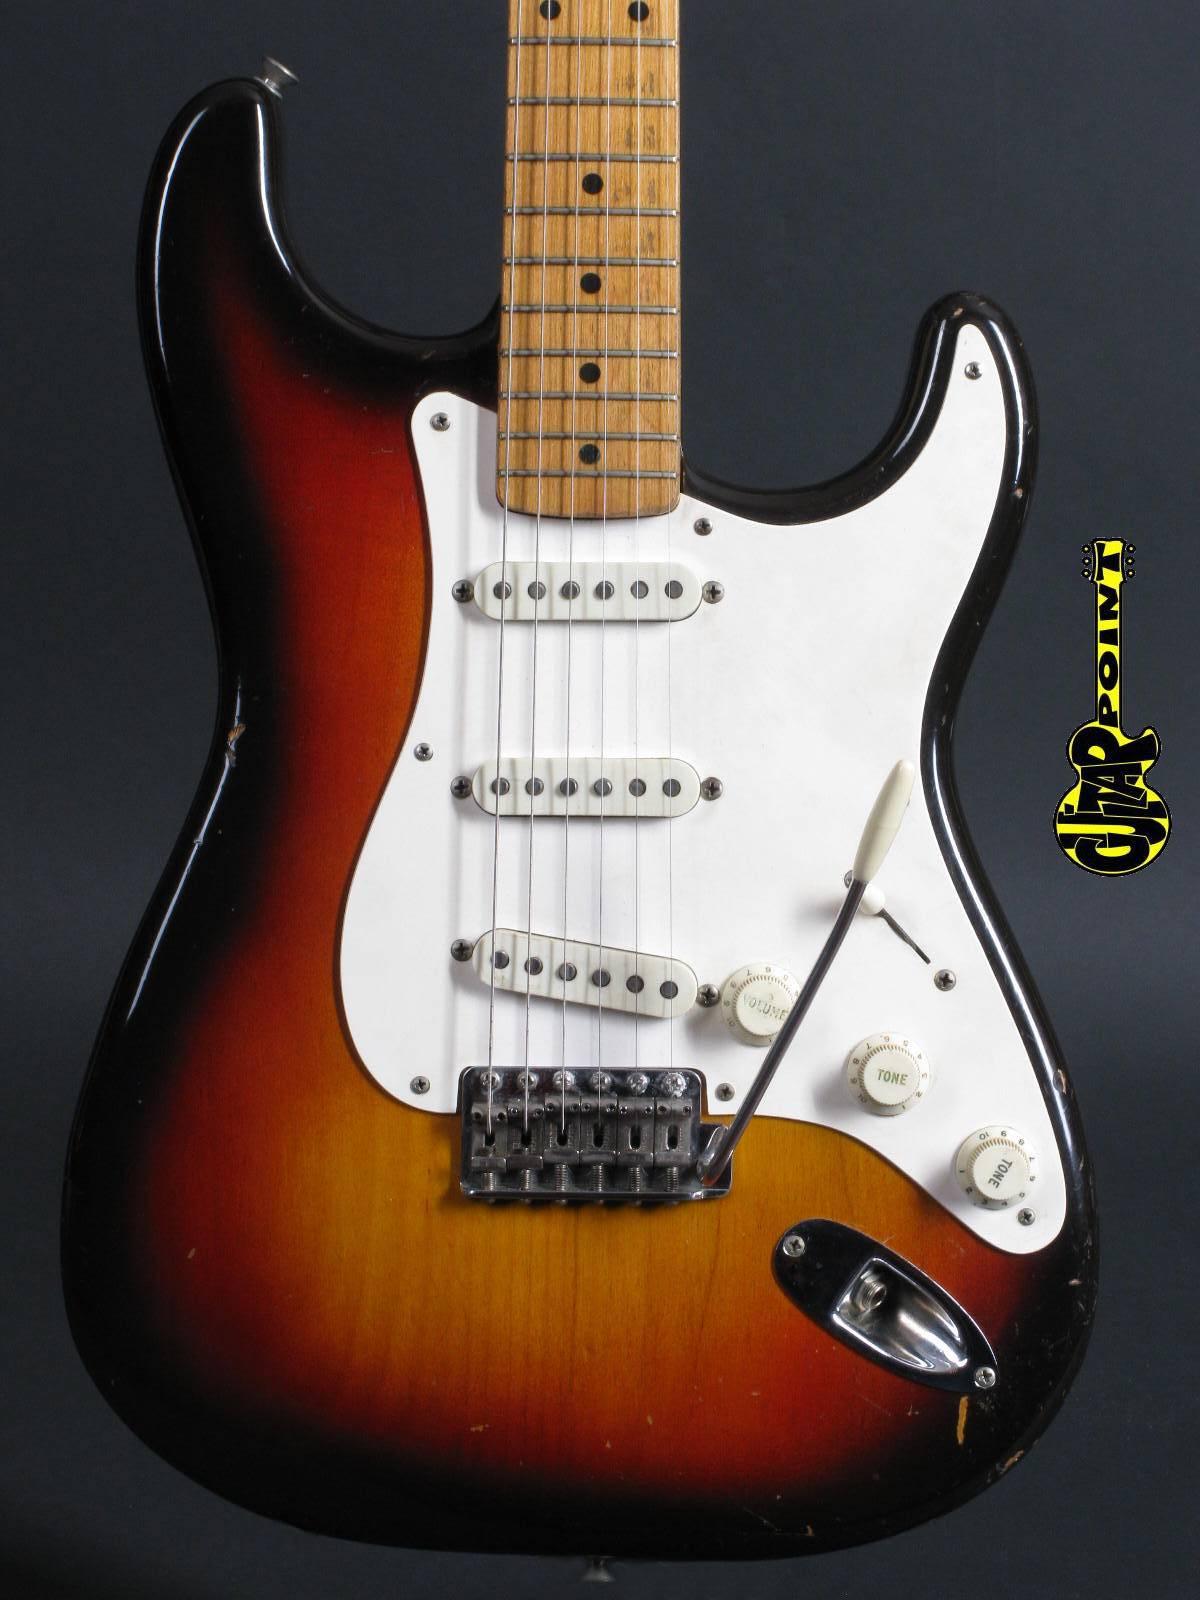 1959 Fender Stratocaster - 3-t Sunburst